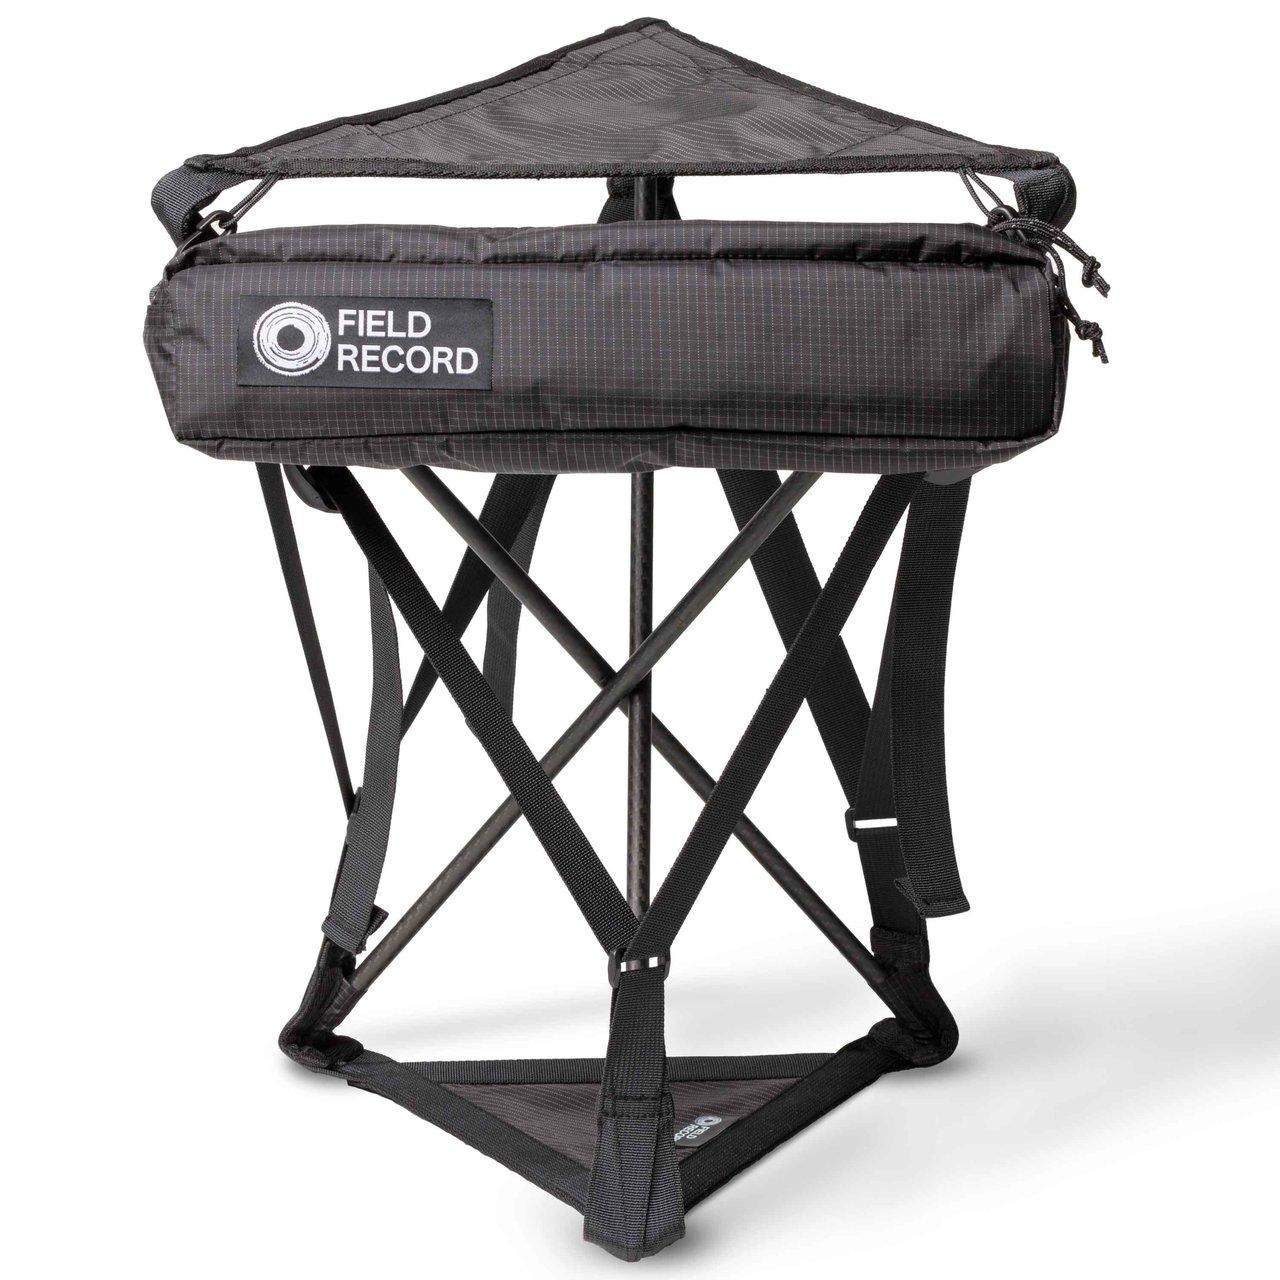 カーボンポールを使用した超軽量チェア「FR-chair carbon triangle」 | FIELD RECORD